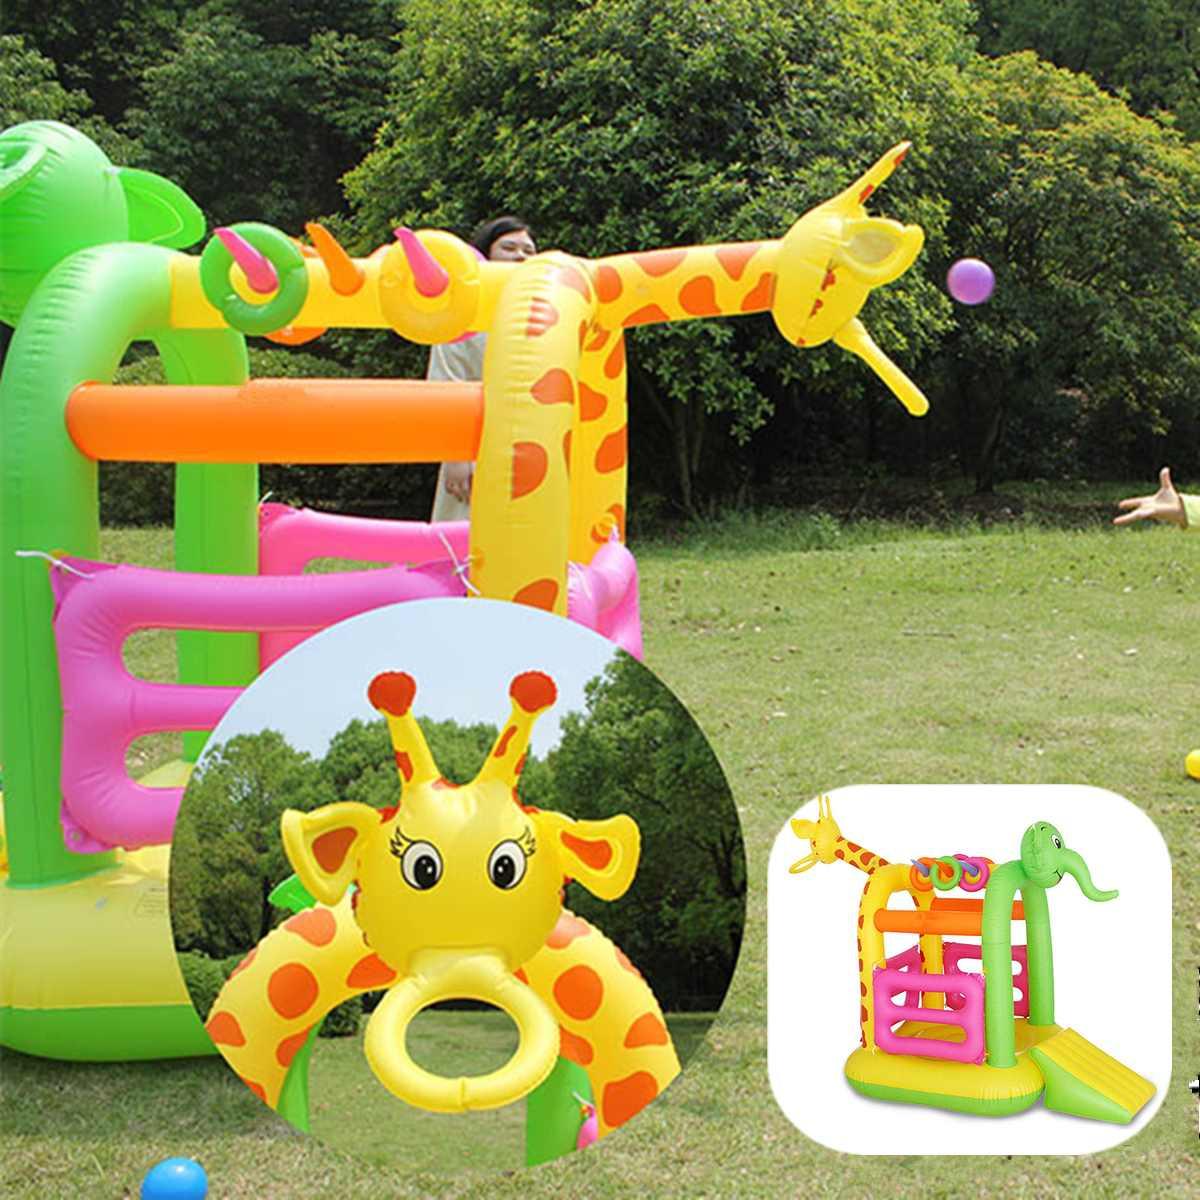 Enfants gonflable videur maison en plein air escalade amusant saut Sports jouant à des jeux videurs enfants maison souffleur jouets 175X160X112 cm